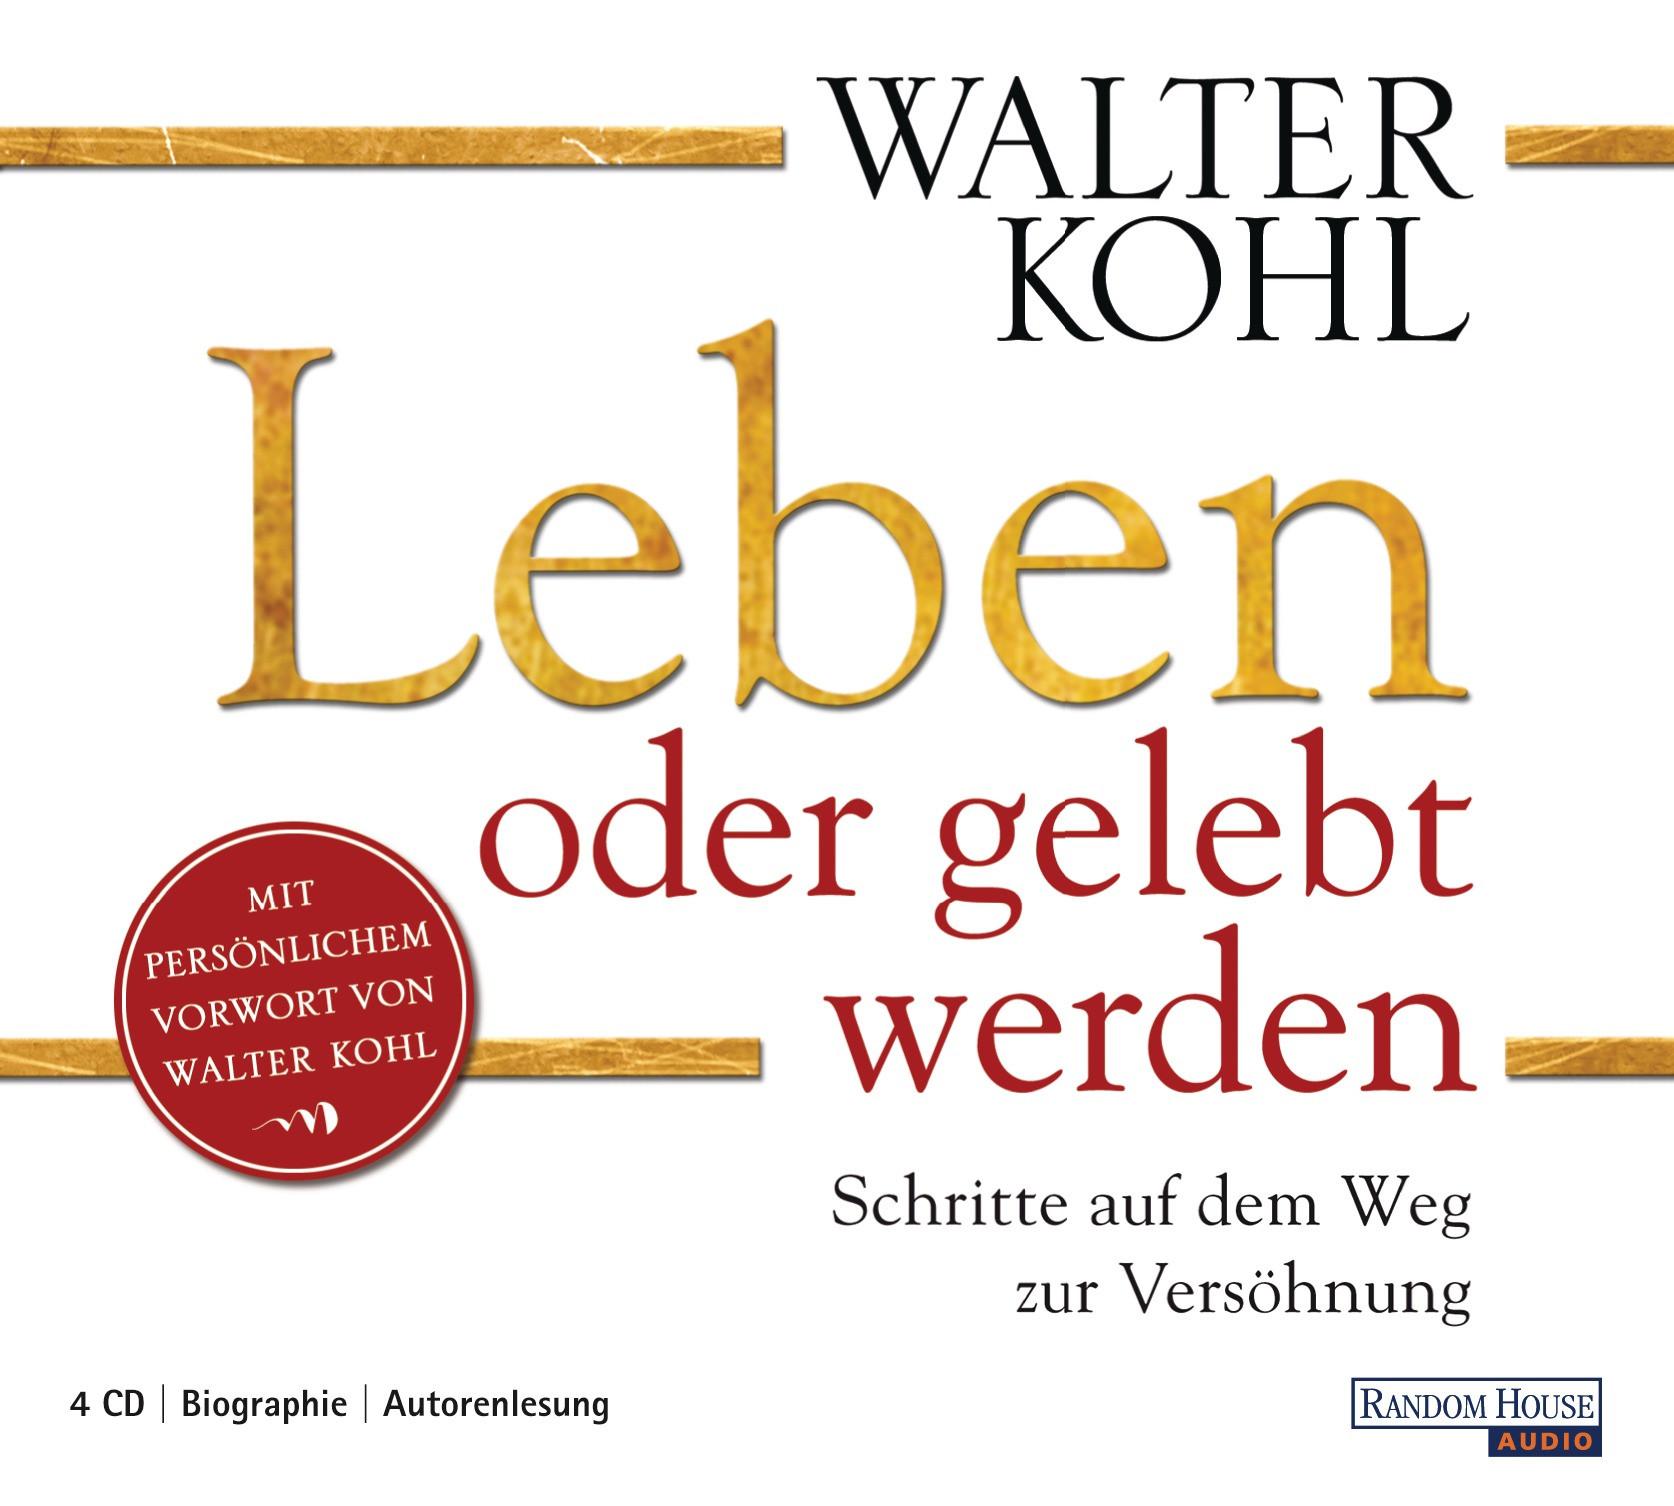 Walter Kohl - Leben oder gelebt werden